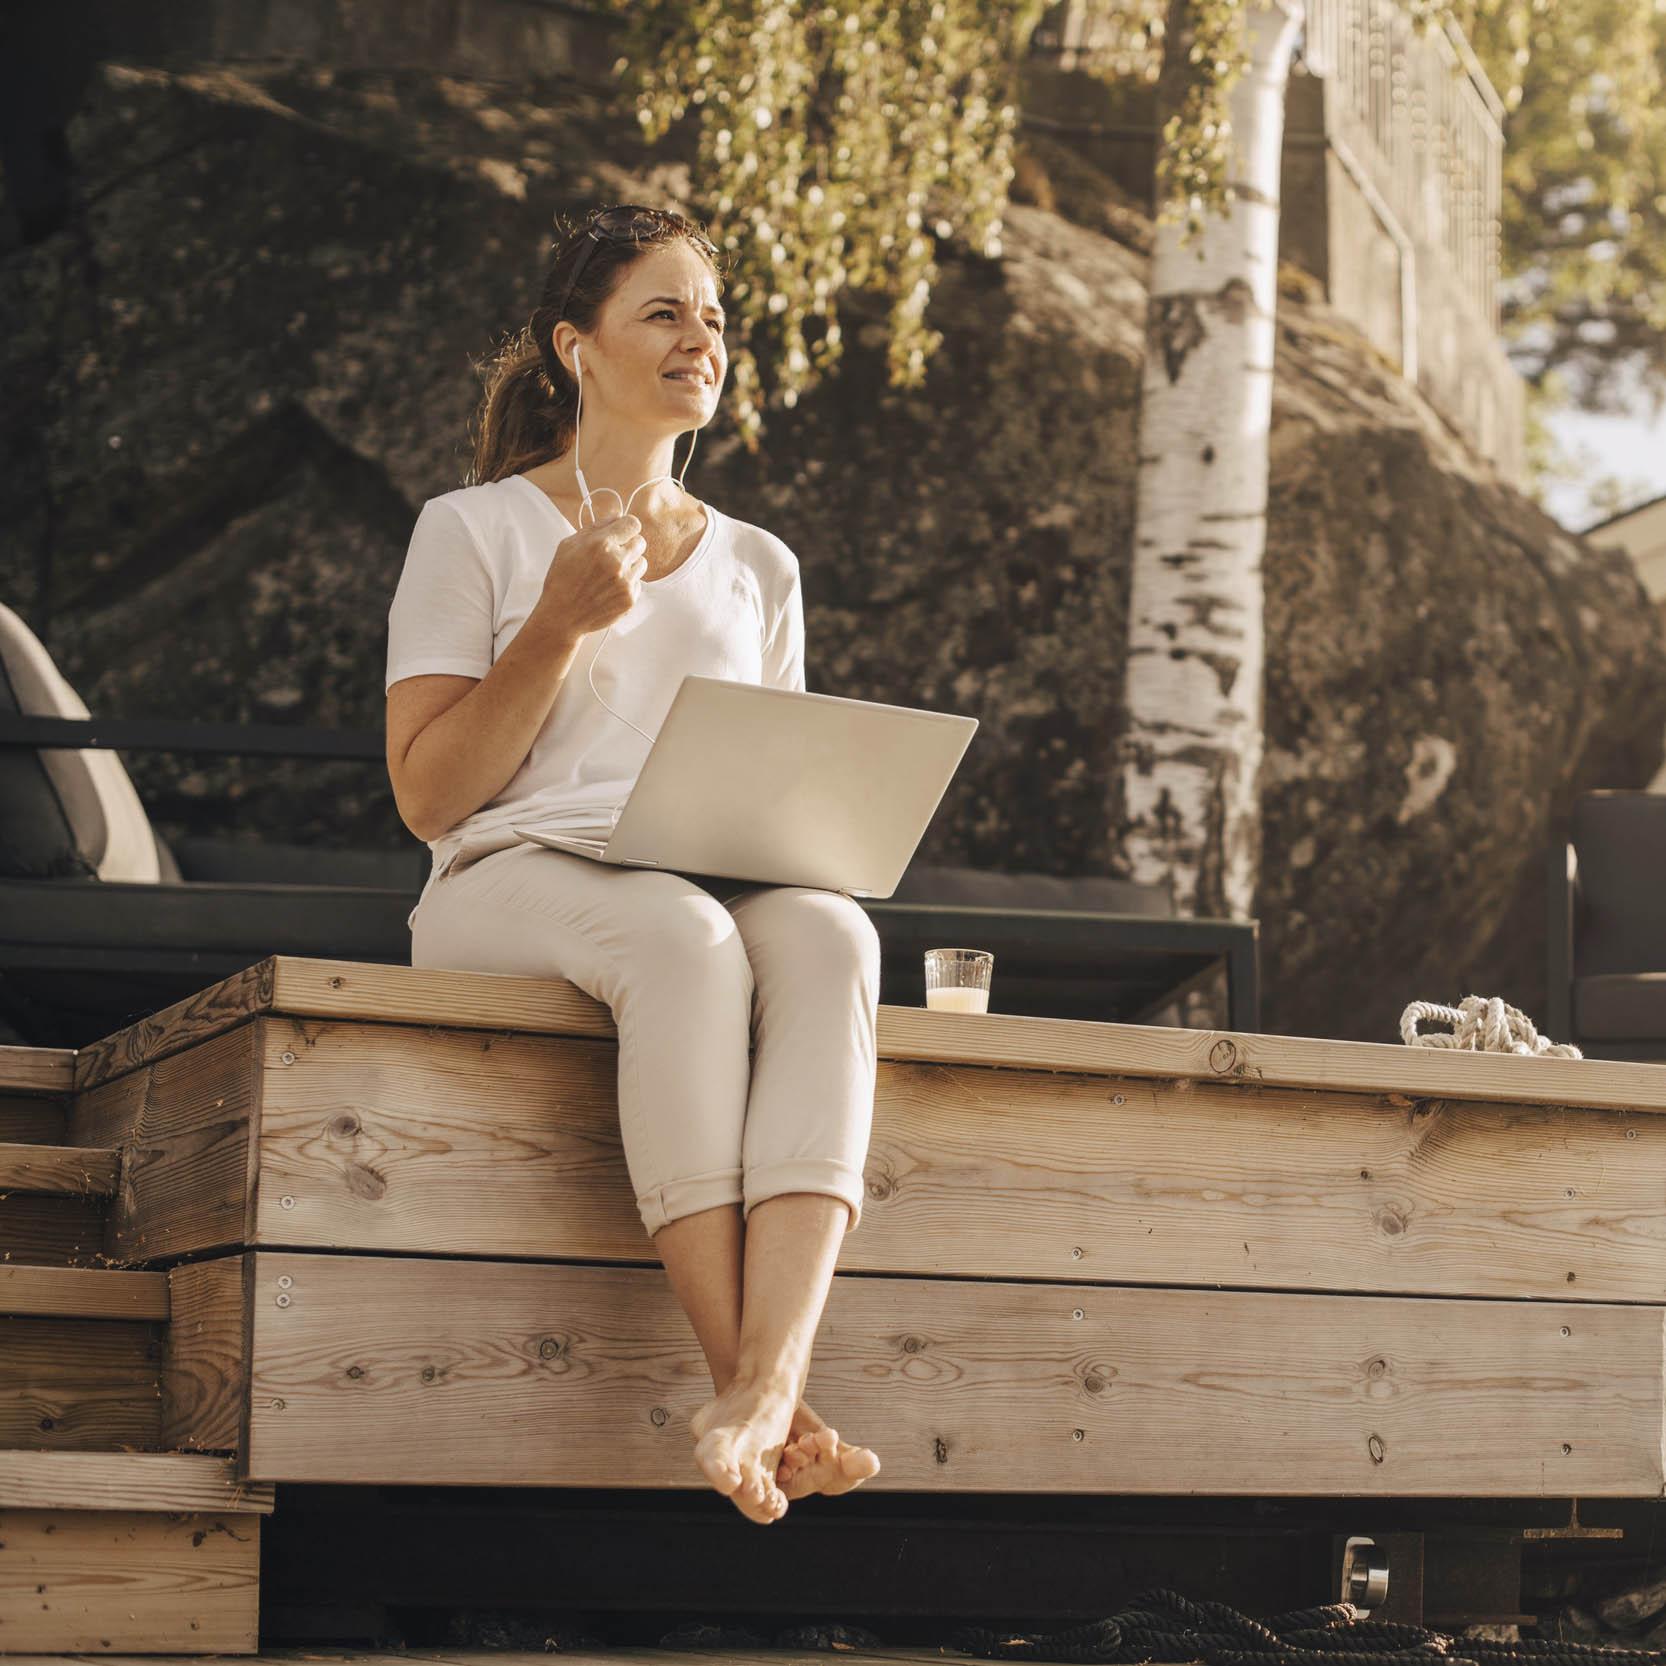 Ensimmäinen askel kohti unelmien loma-asuntoa on lainahakemus